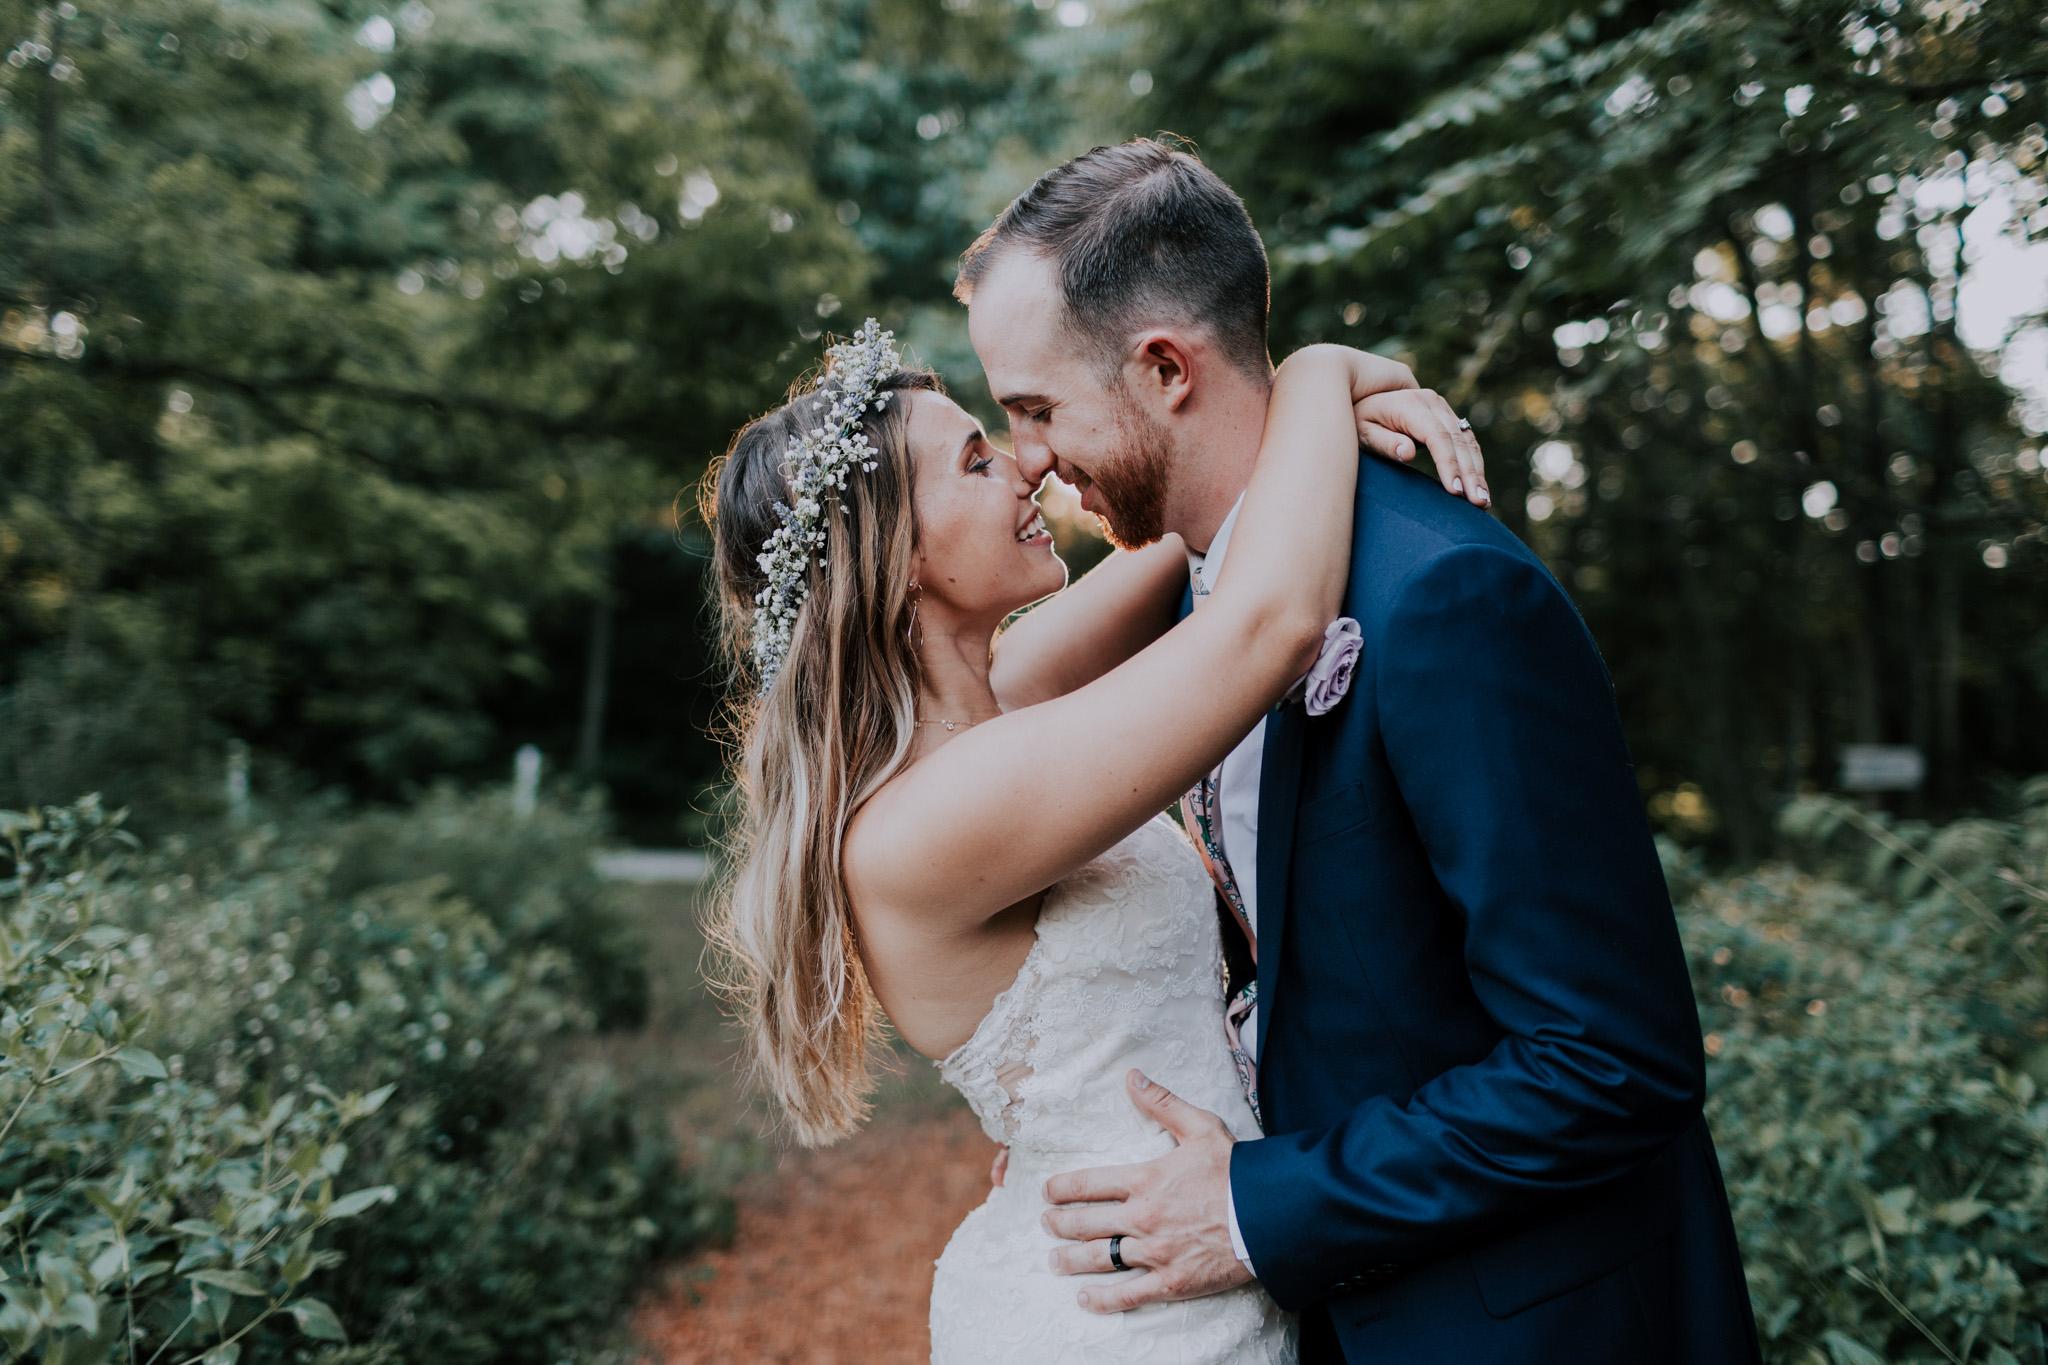 Blue-Dress-Barn-Michigan-Wedding-April-Seth-Vafa-Photo923.jpg